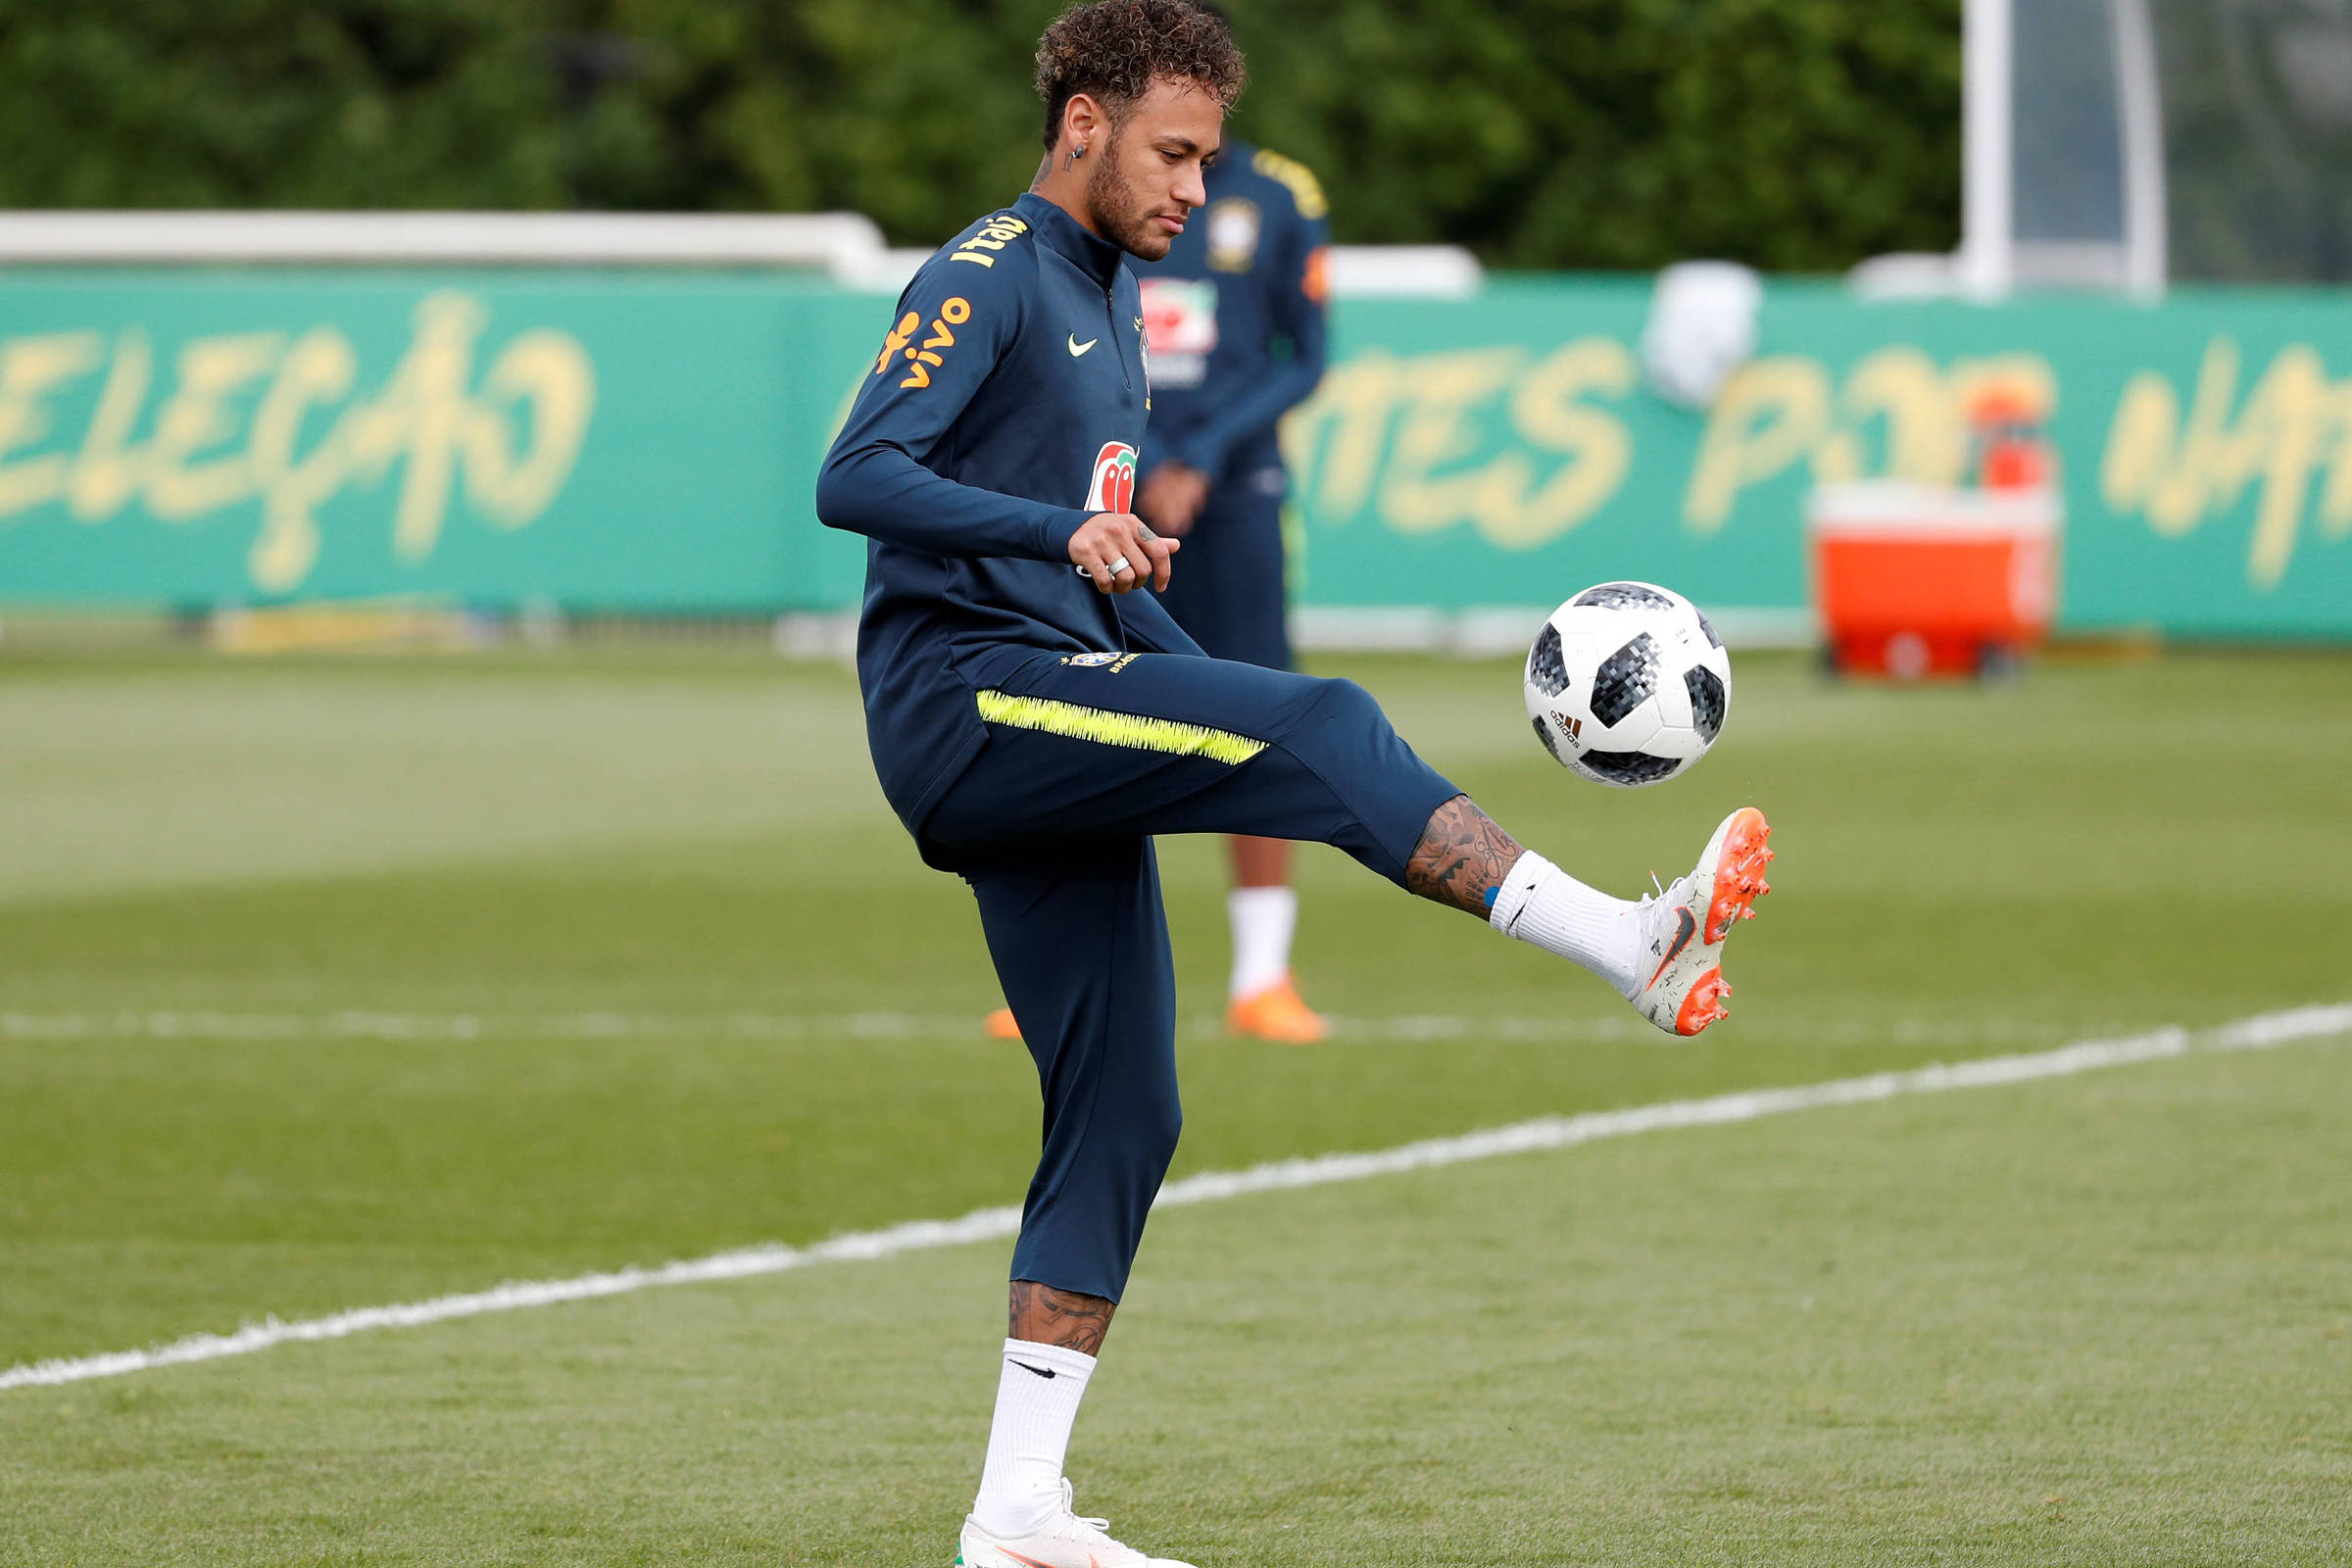 2cc1d2c451 Tite confirma Neymar como titular em último amistoso antes da Copa -  07 06 2018 - Esporte - Folha